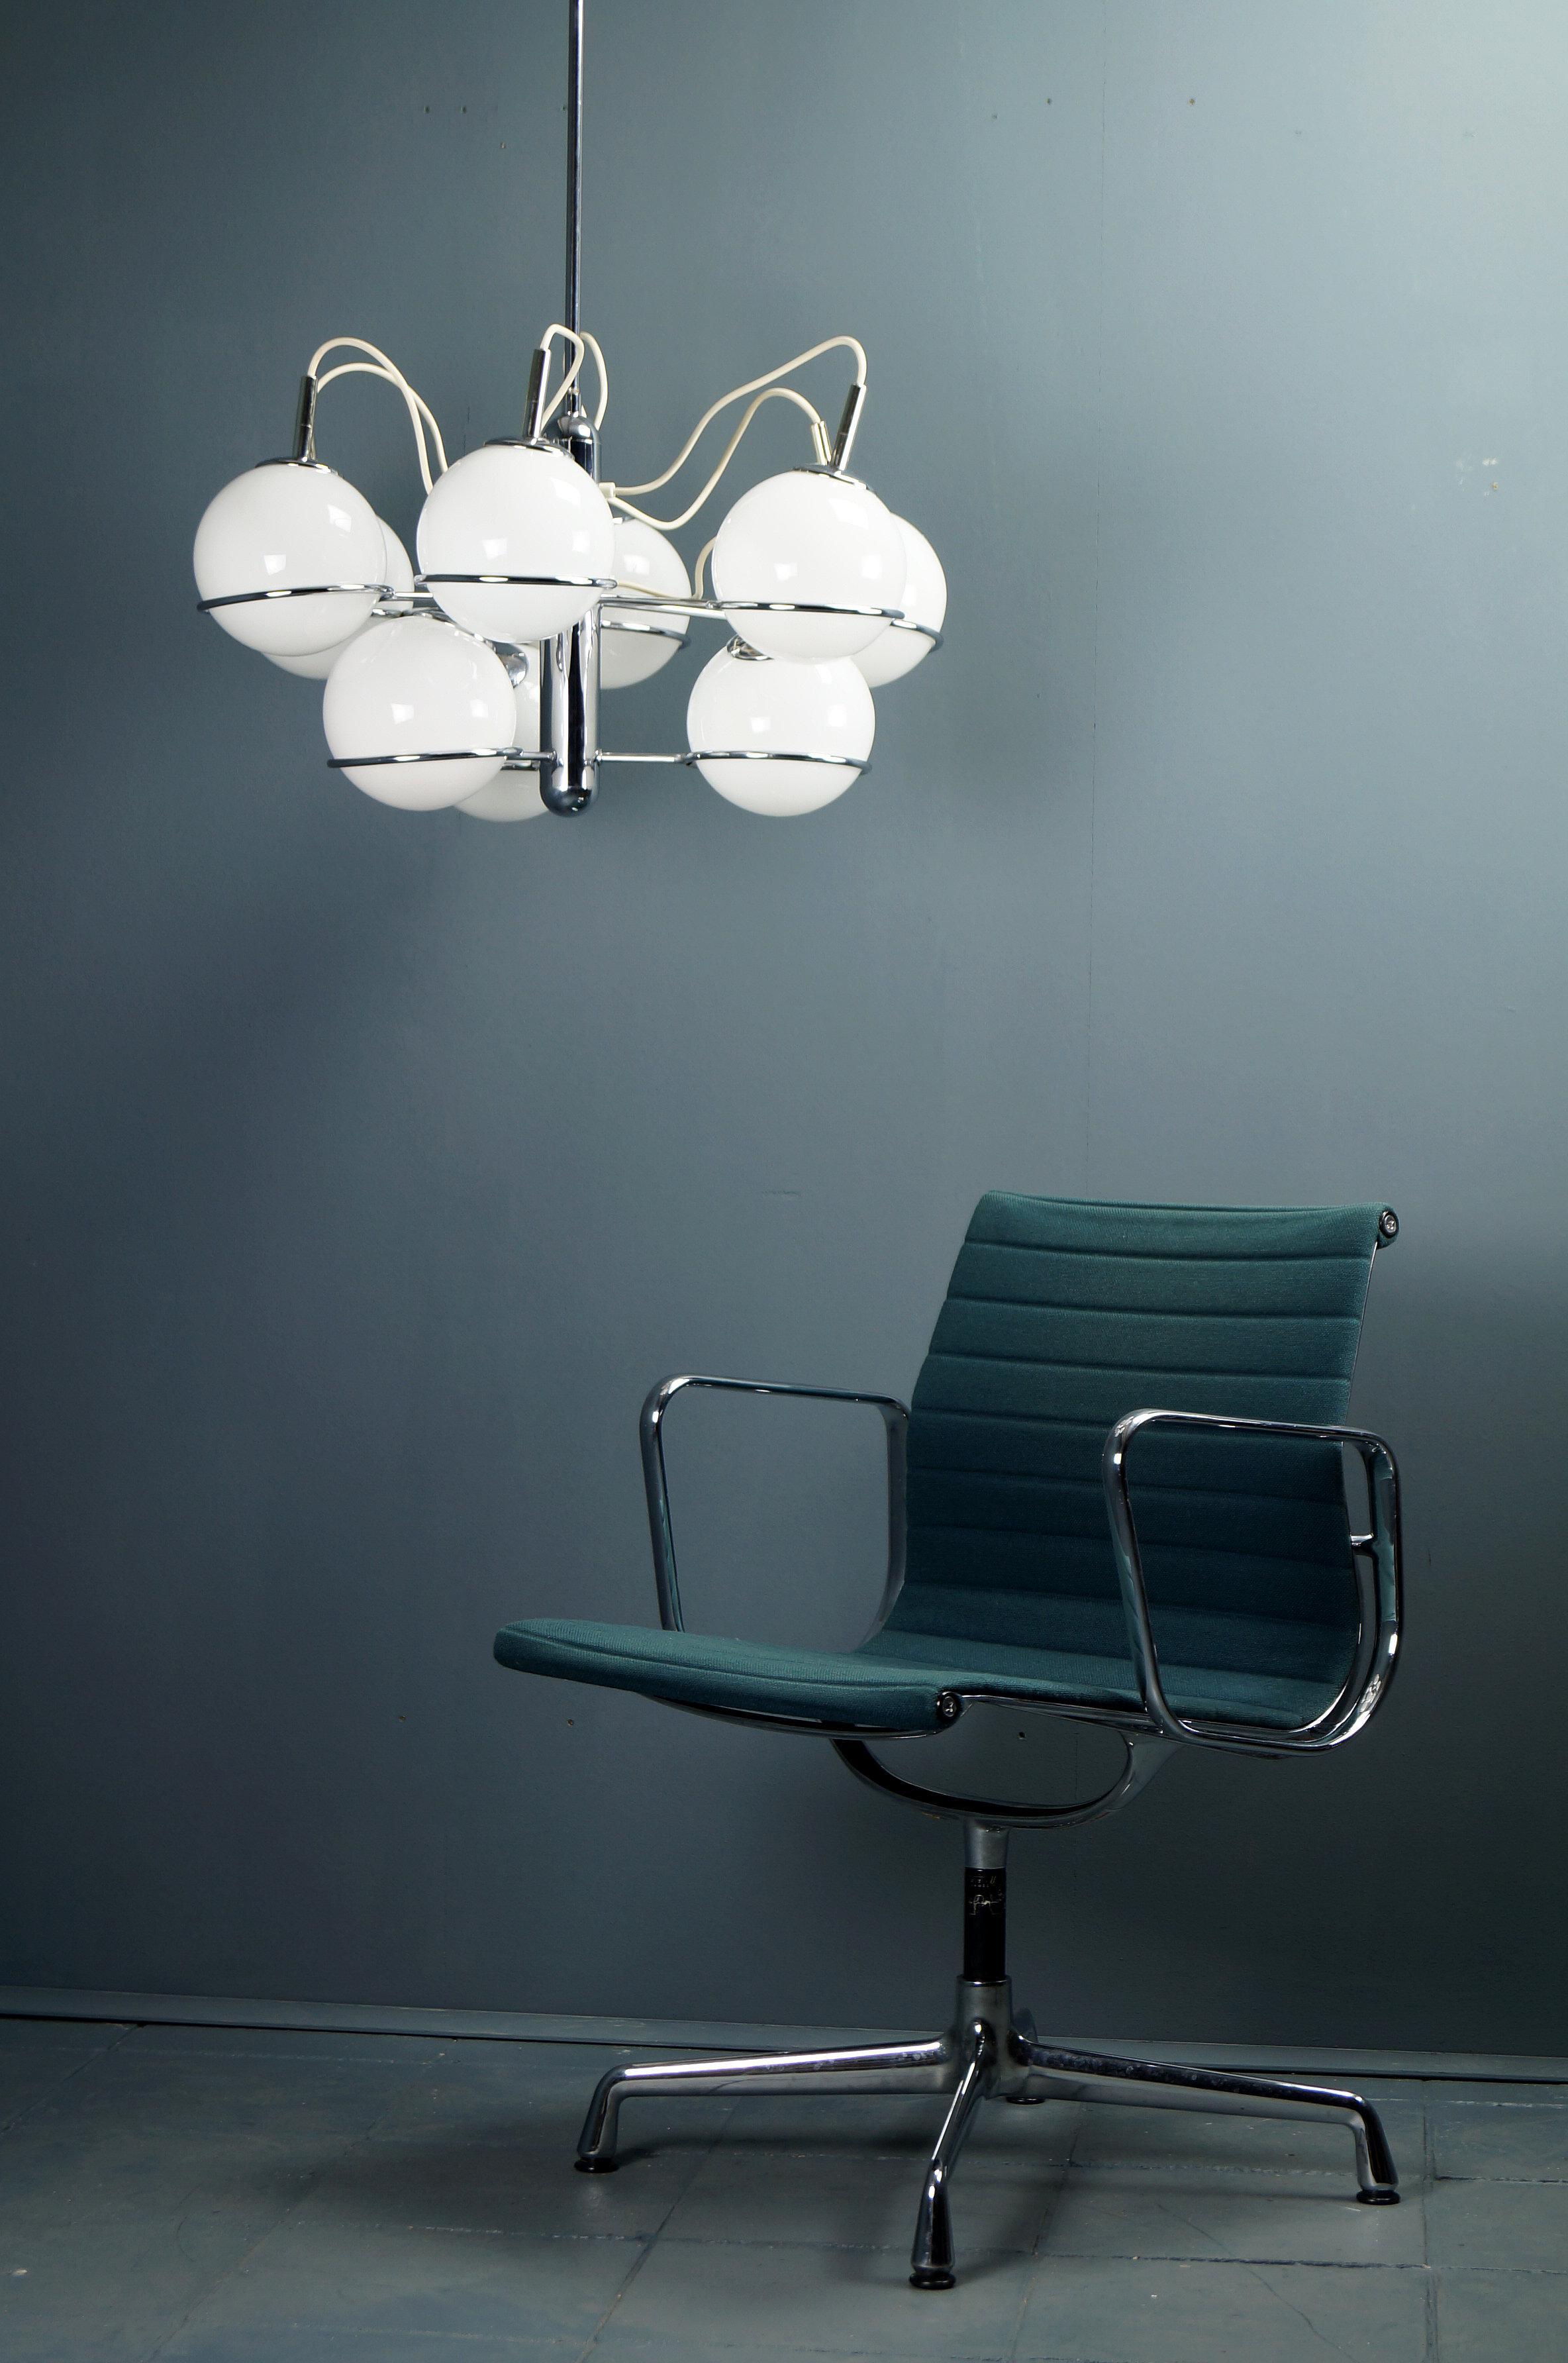 flex mid century vintage design n rnberg gro er space age l ster im stile gino sarfattis. Black Bedroom Furniture Sets. Home Design Ideas